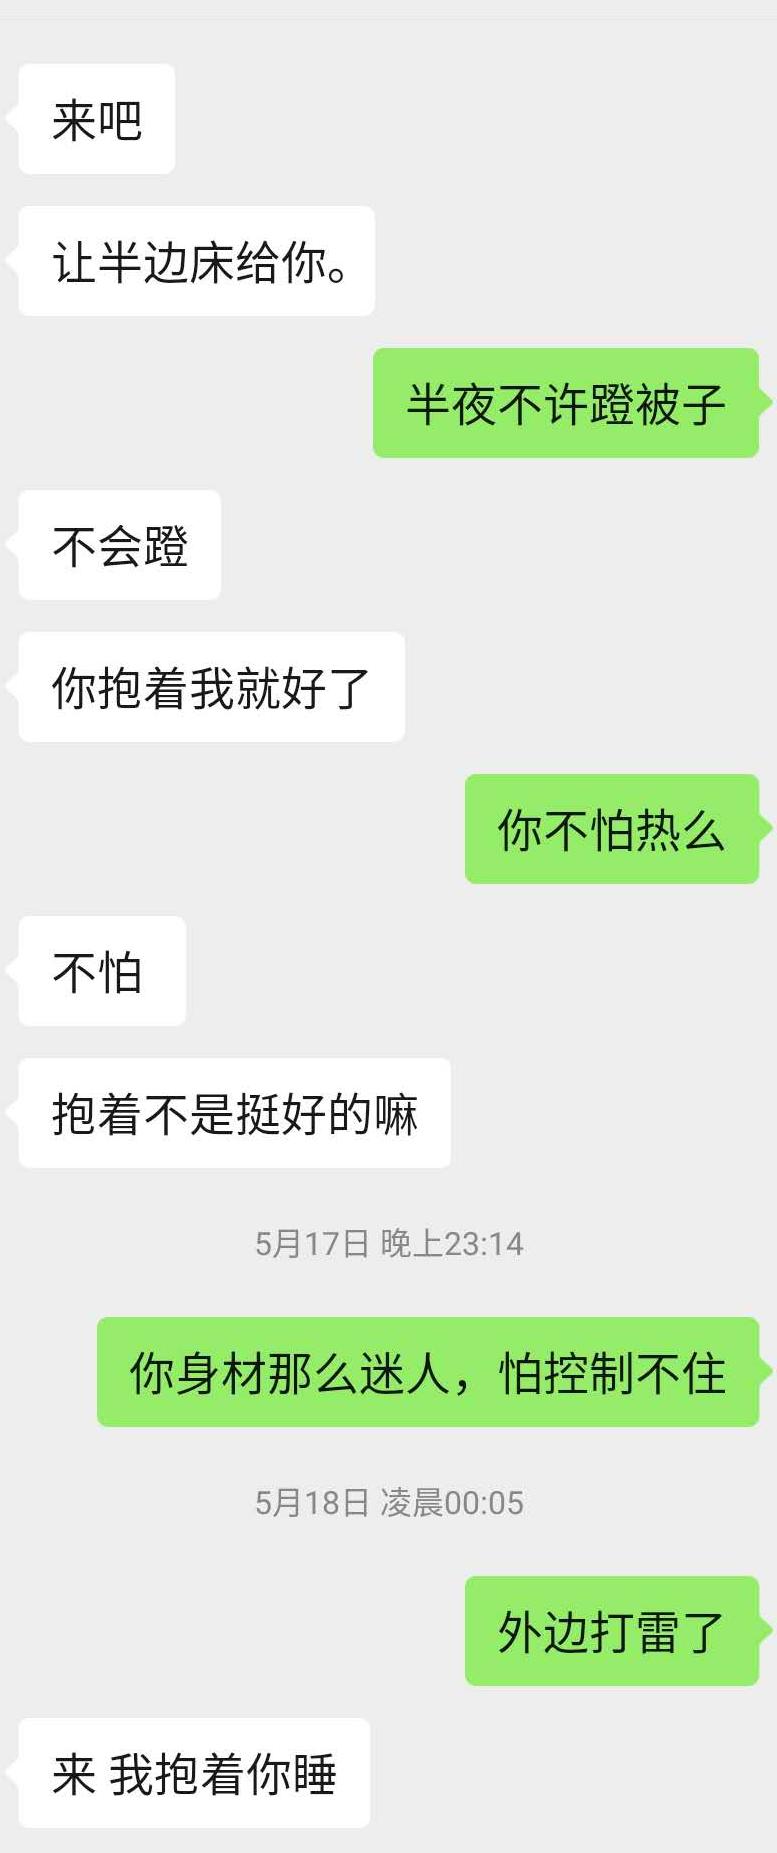 微信怎么撩CK女主播?聊天套路对话截图分享